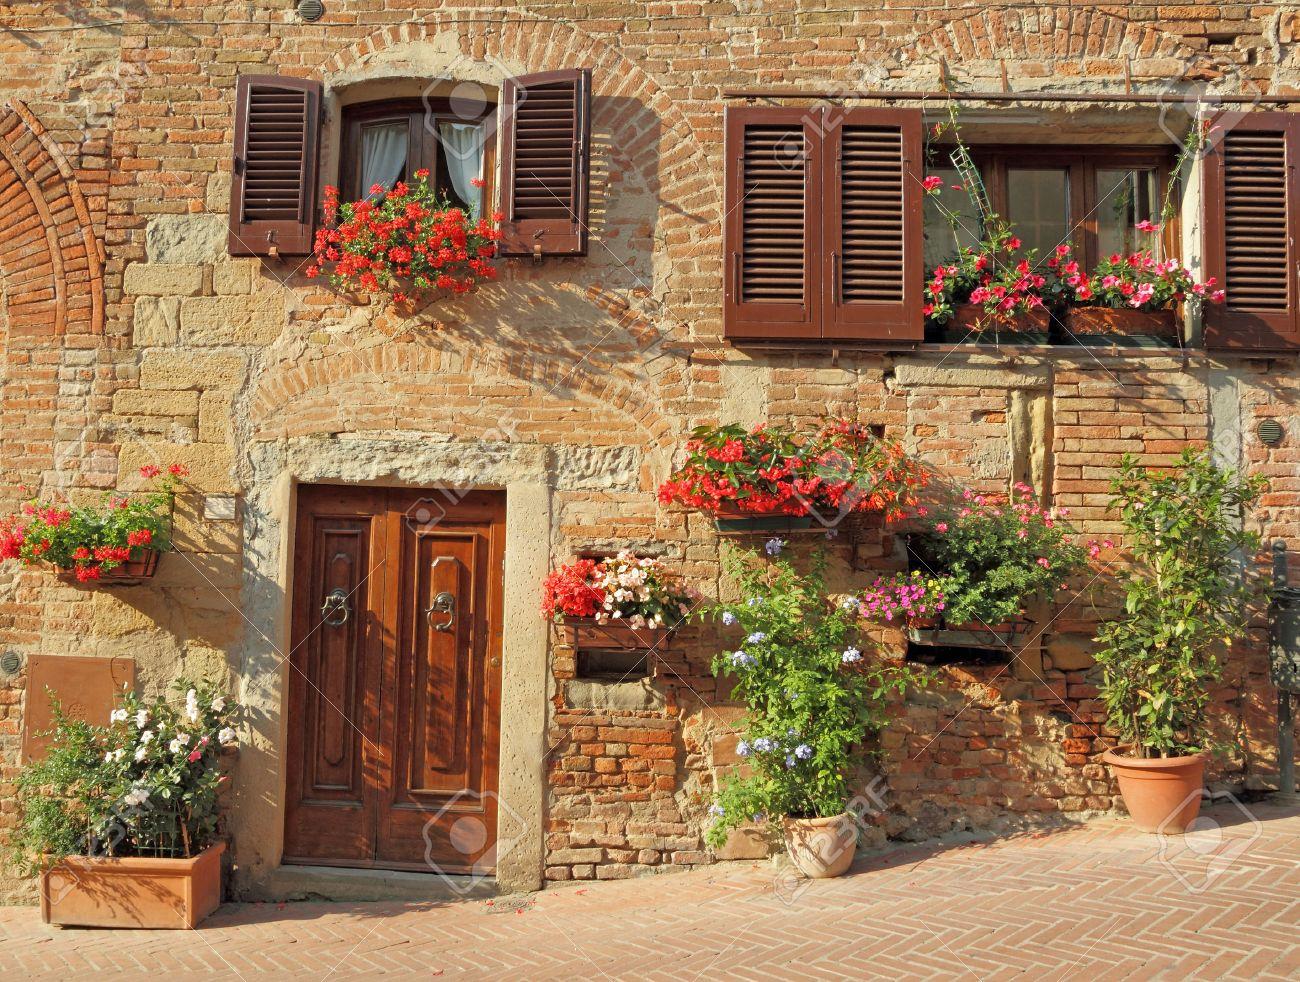 Mooie deuropening naar het toscaanse huis versierd met veel